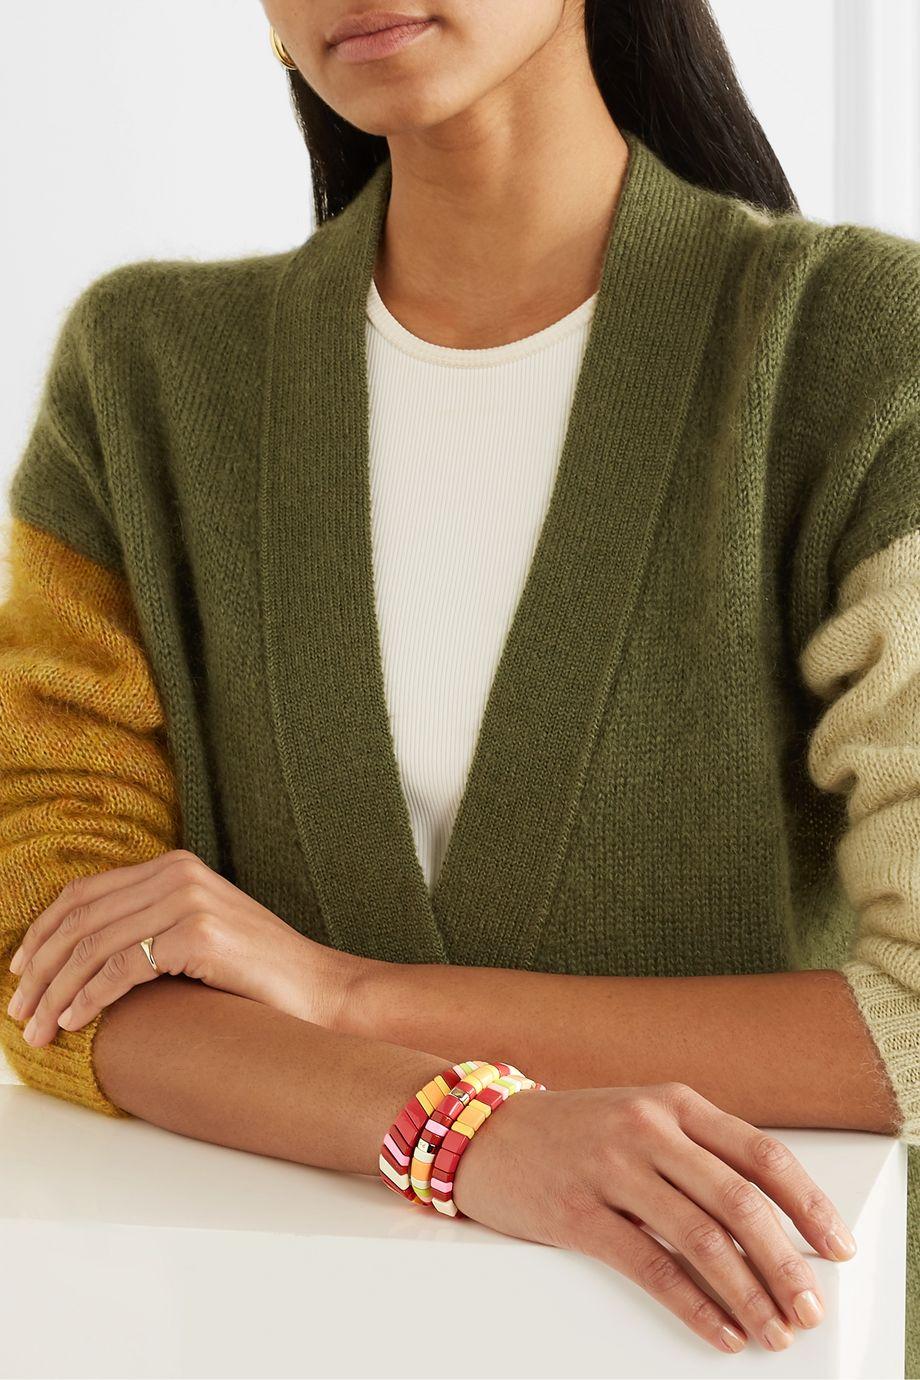 Roxanne Assoulin Set de trois bracelets en métal doré et émail Negroni